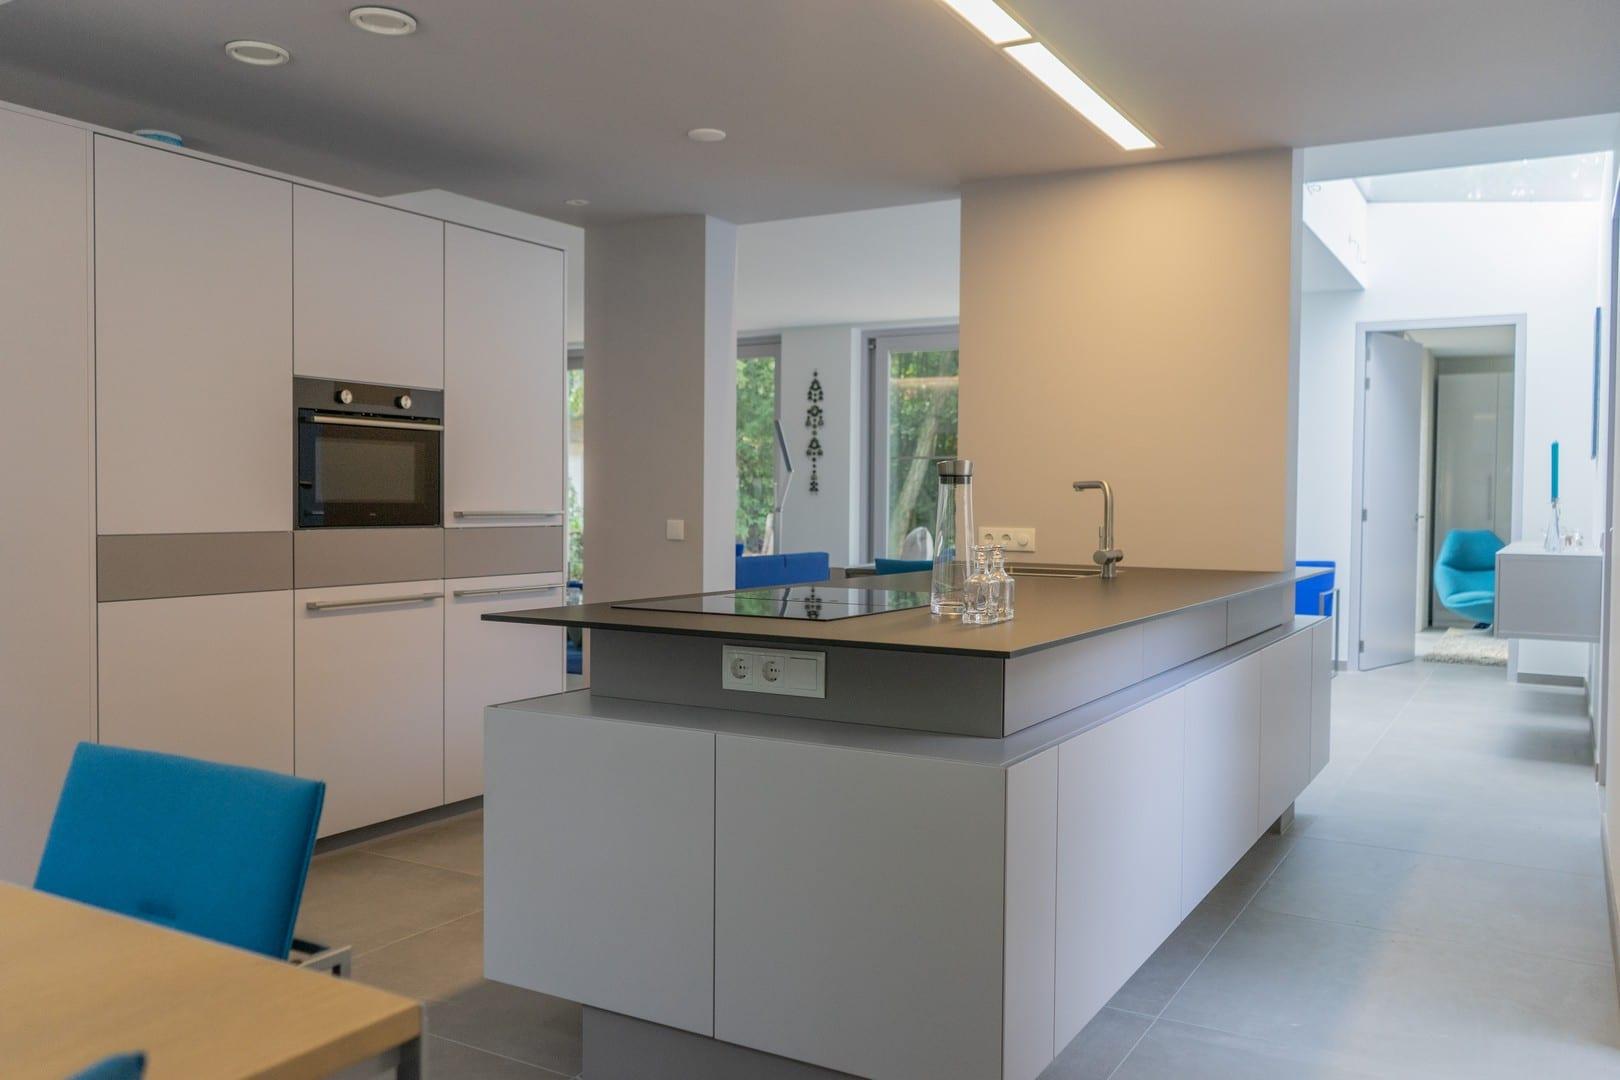 Moderne keuken van gebr. smits